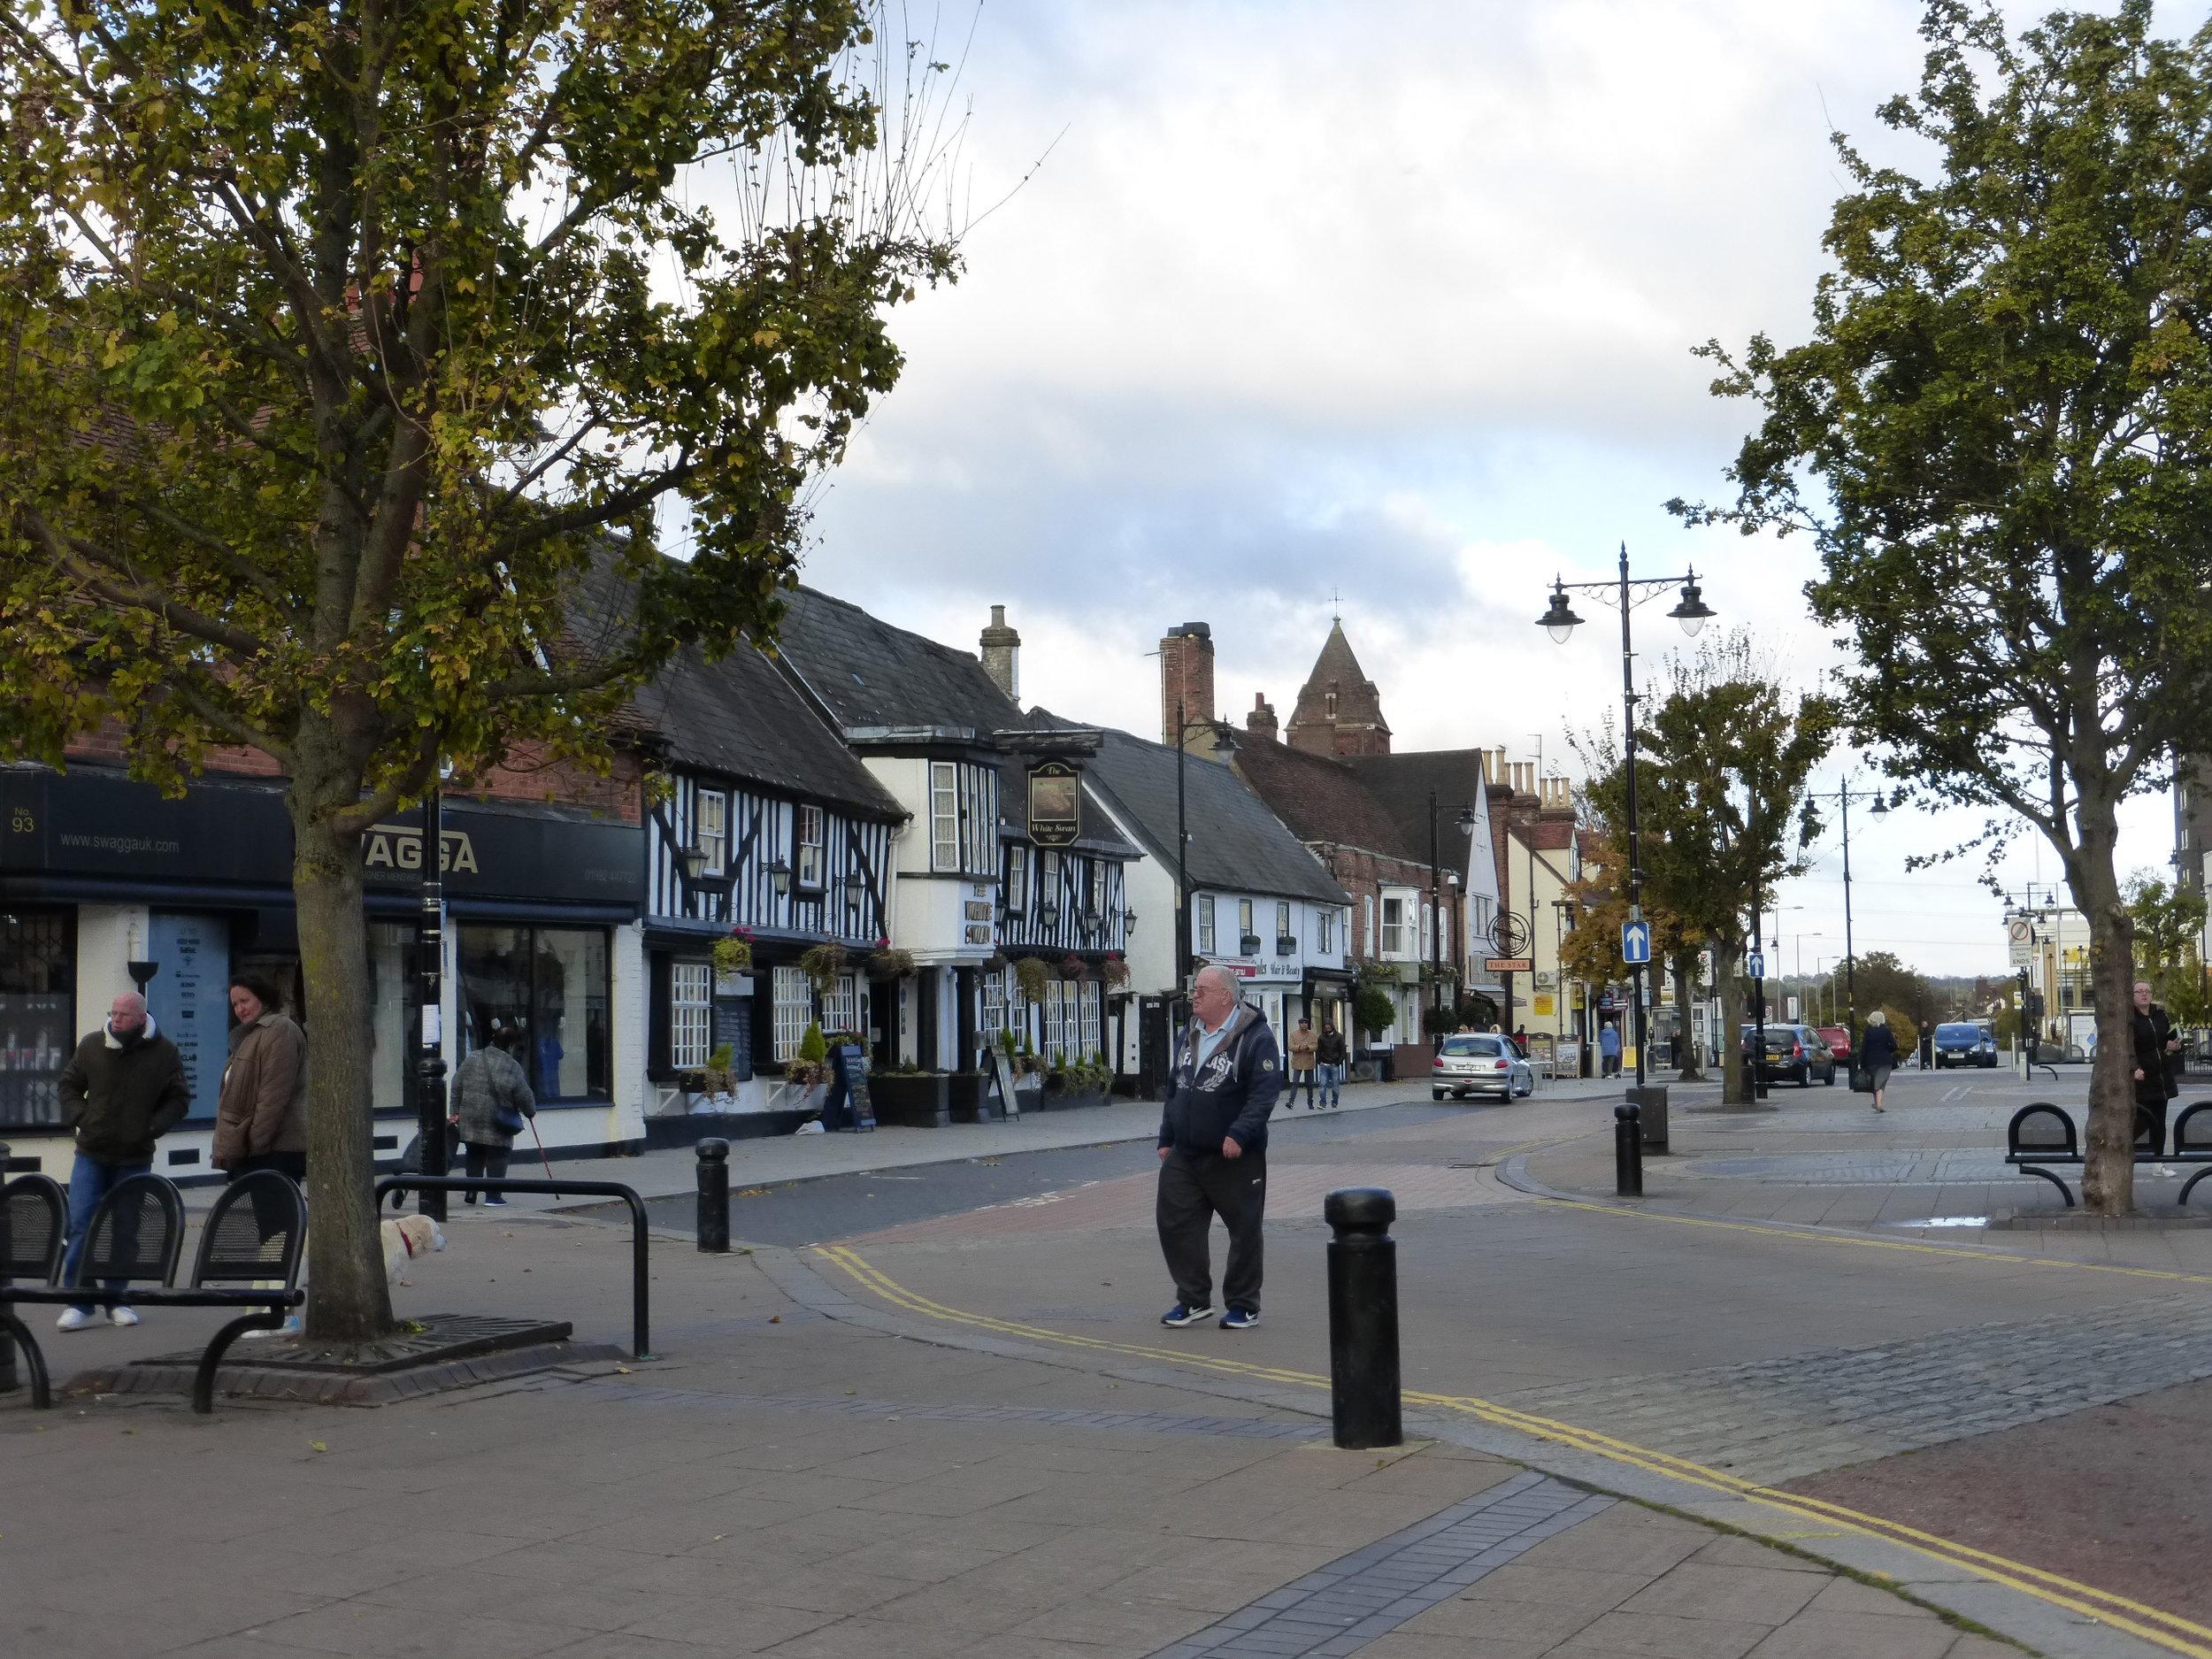 Broxbourne